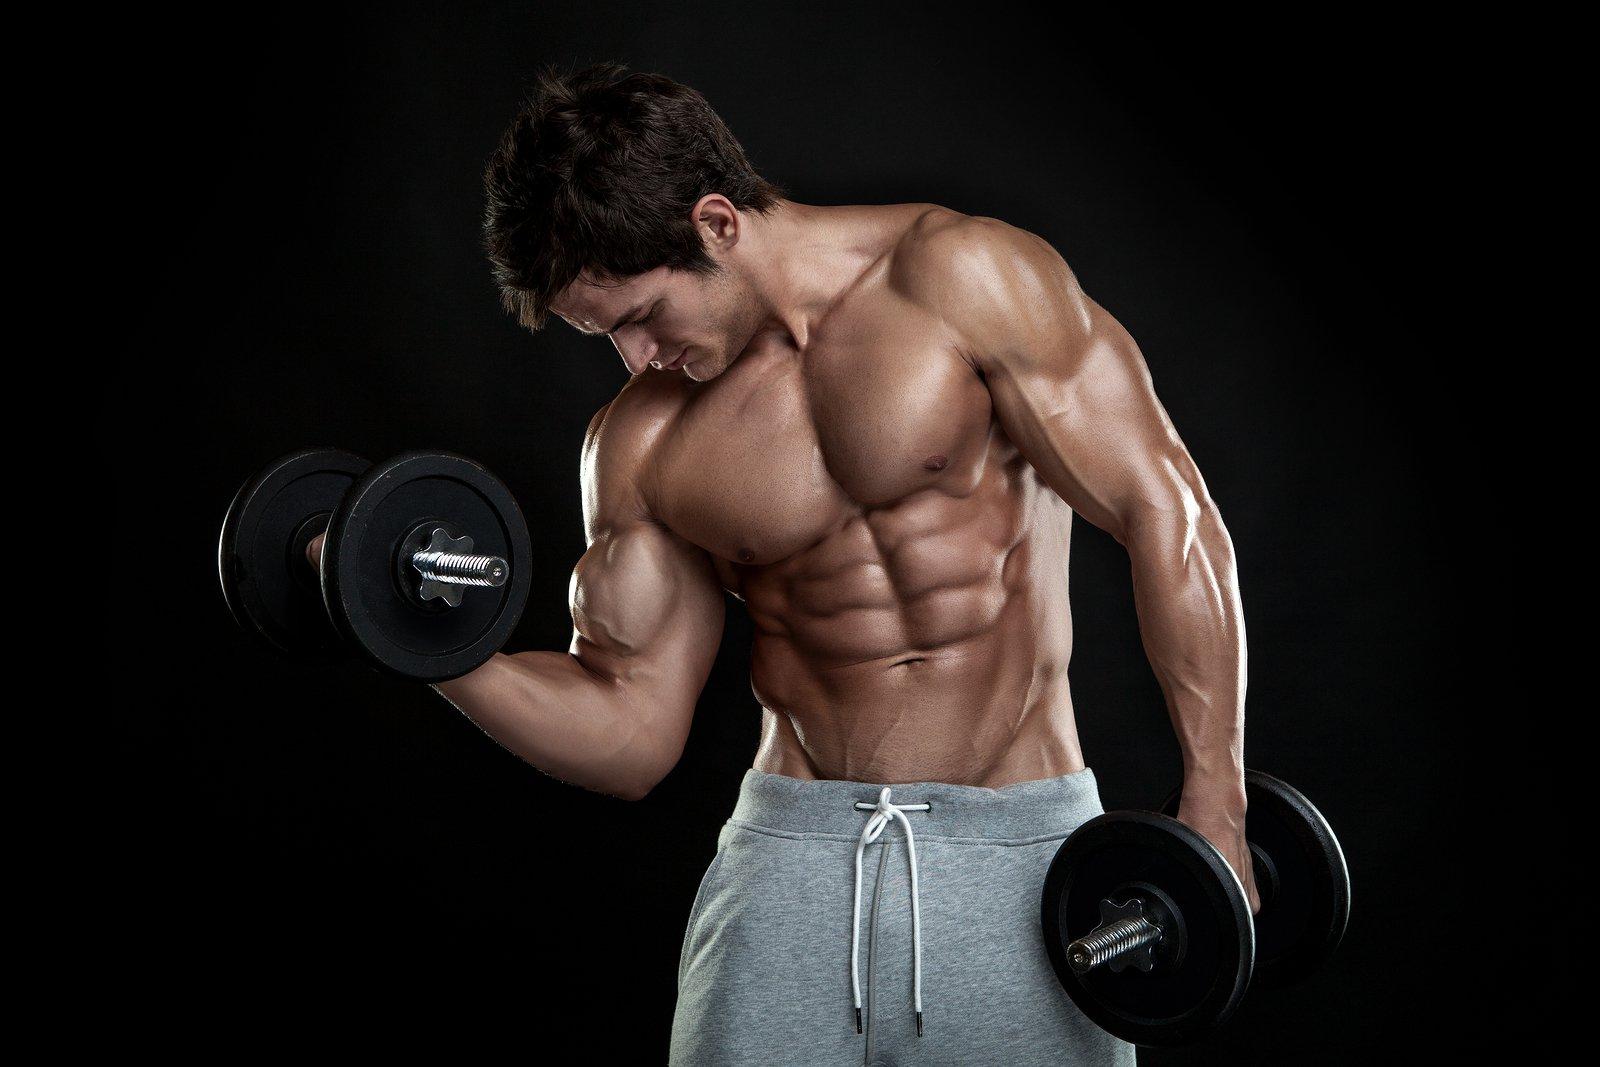 بالصور ماذا تحب المراة في جسم الرجل , صور رجال عضلات 4460 5